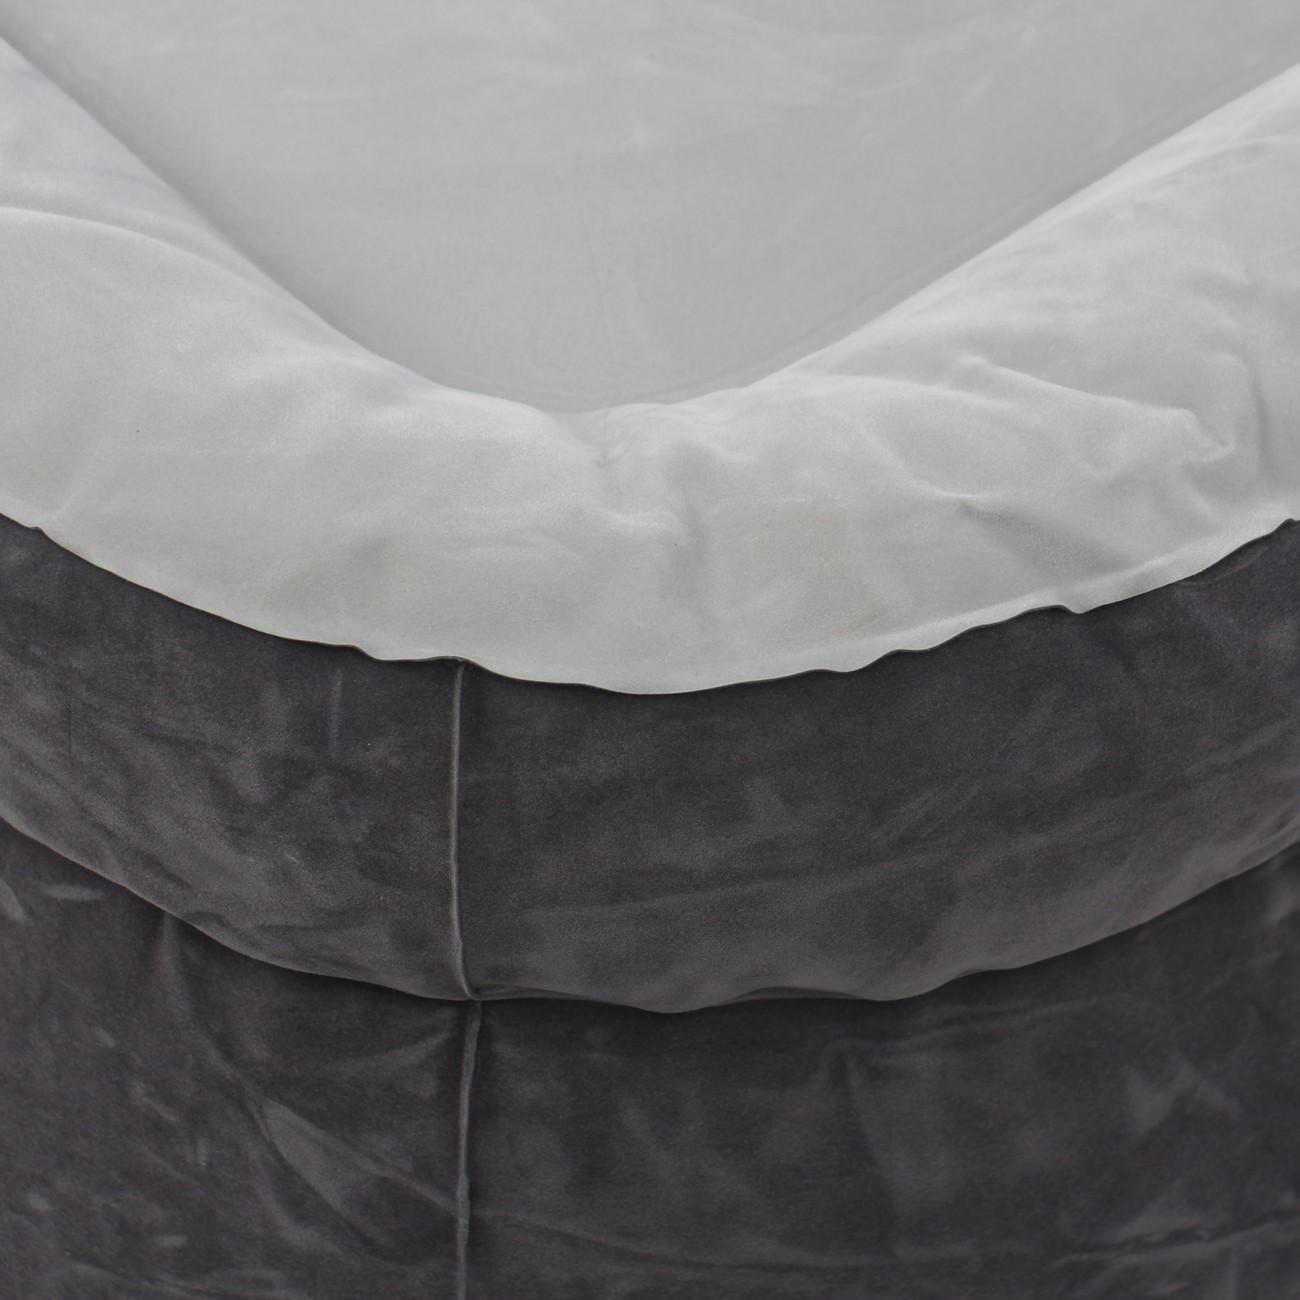 Saltea gonflabila Intex 64414, pentru camping, 2 persoane, 203 x 152 x 46 cm, cu pompa electrica